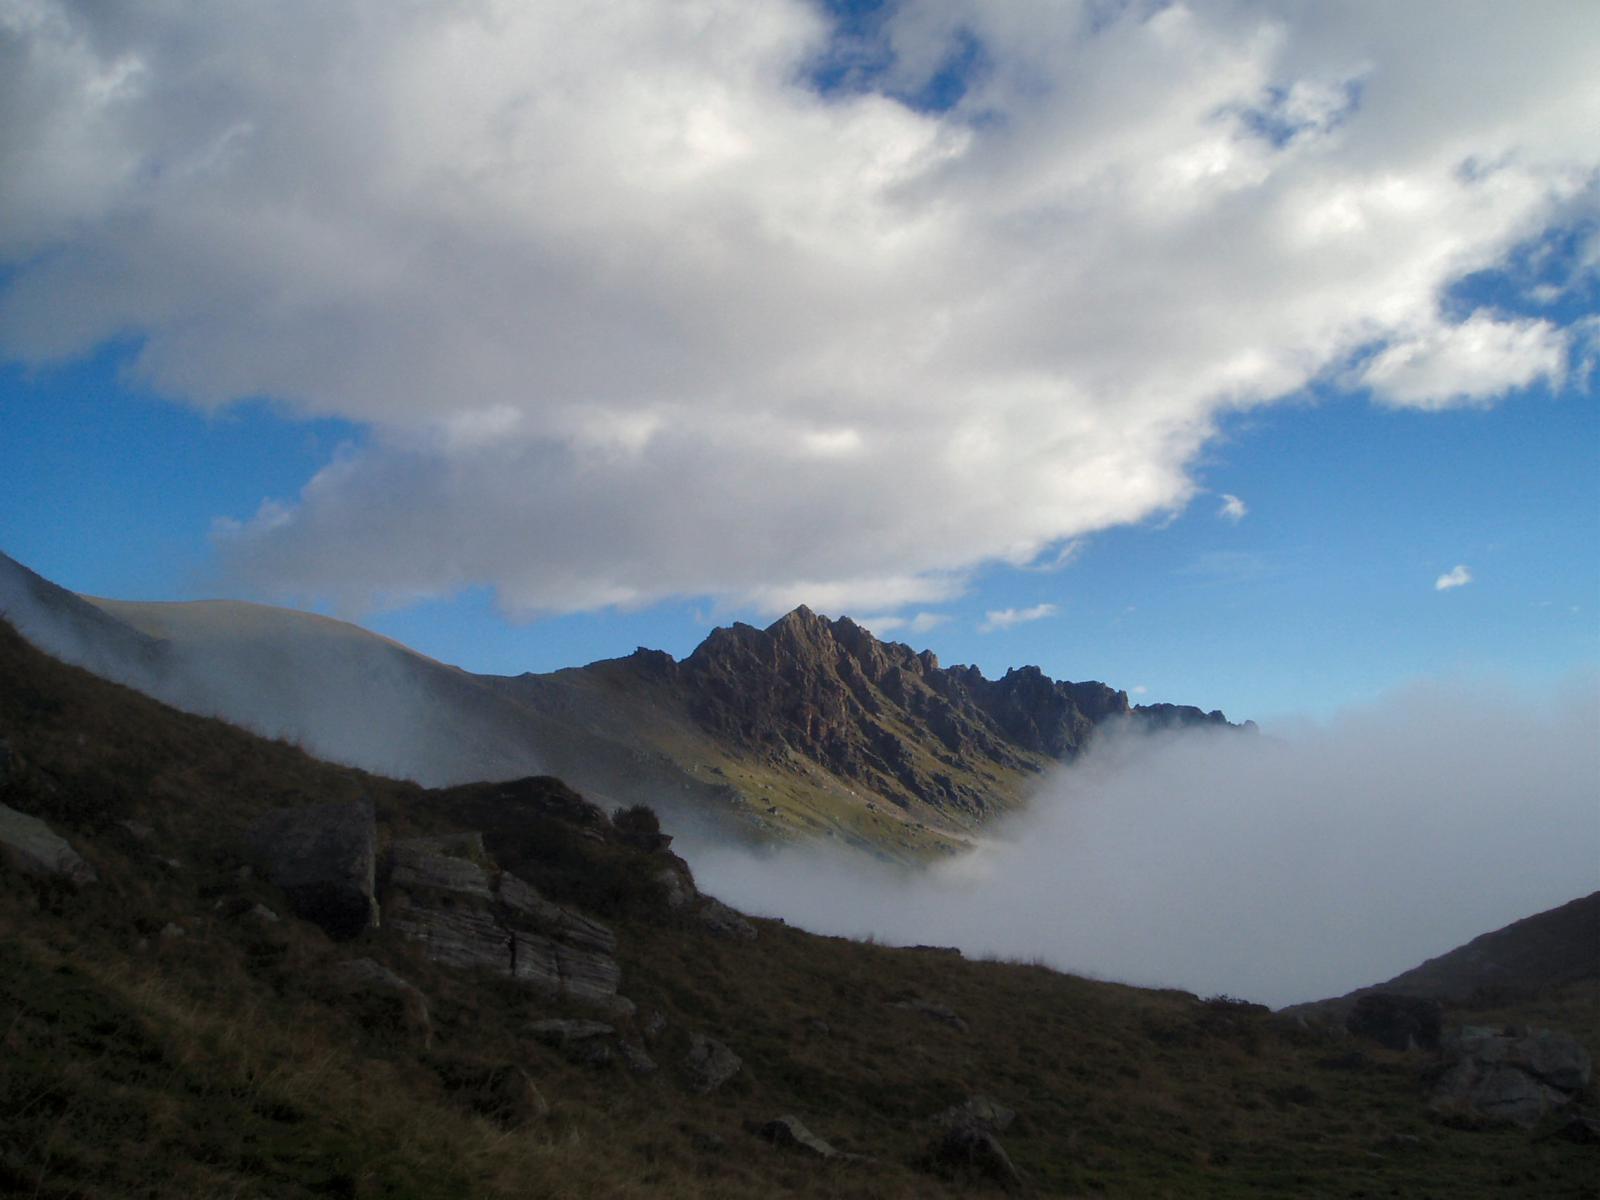 rocca moross emerge dalla nebbia